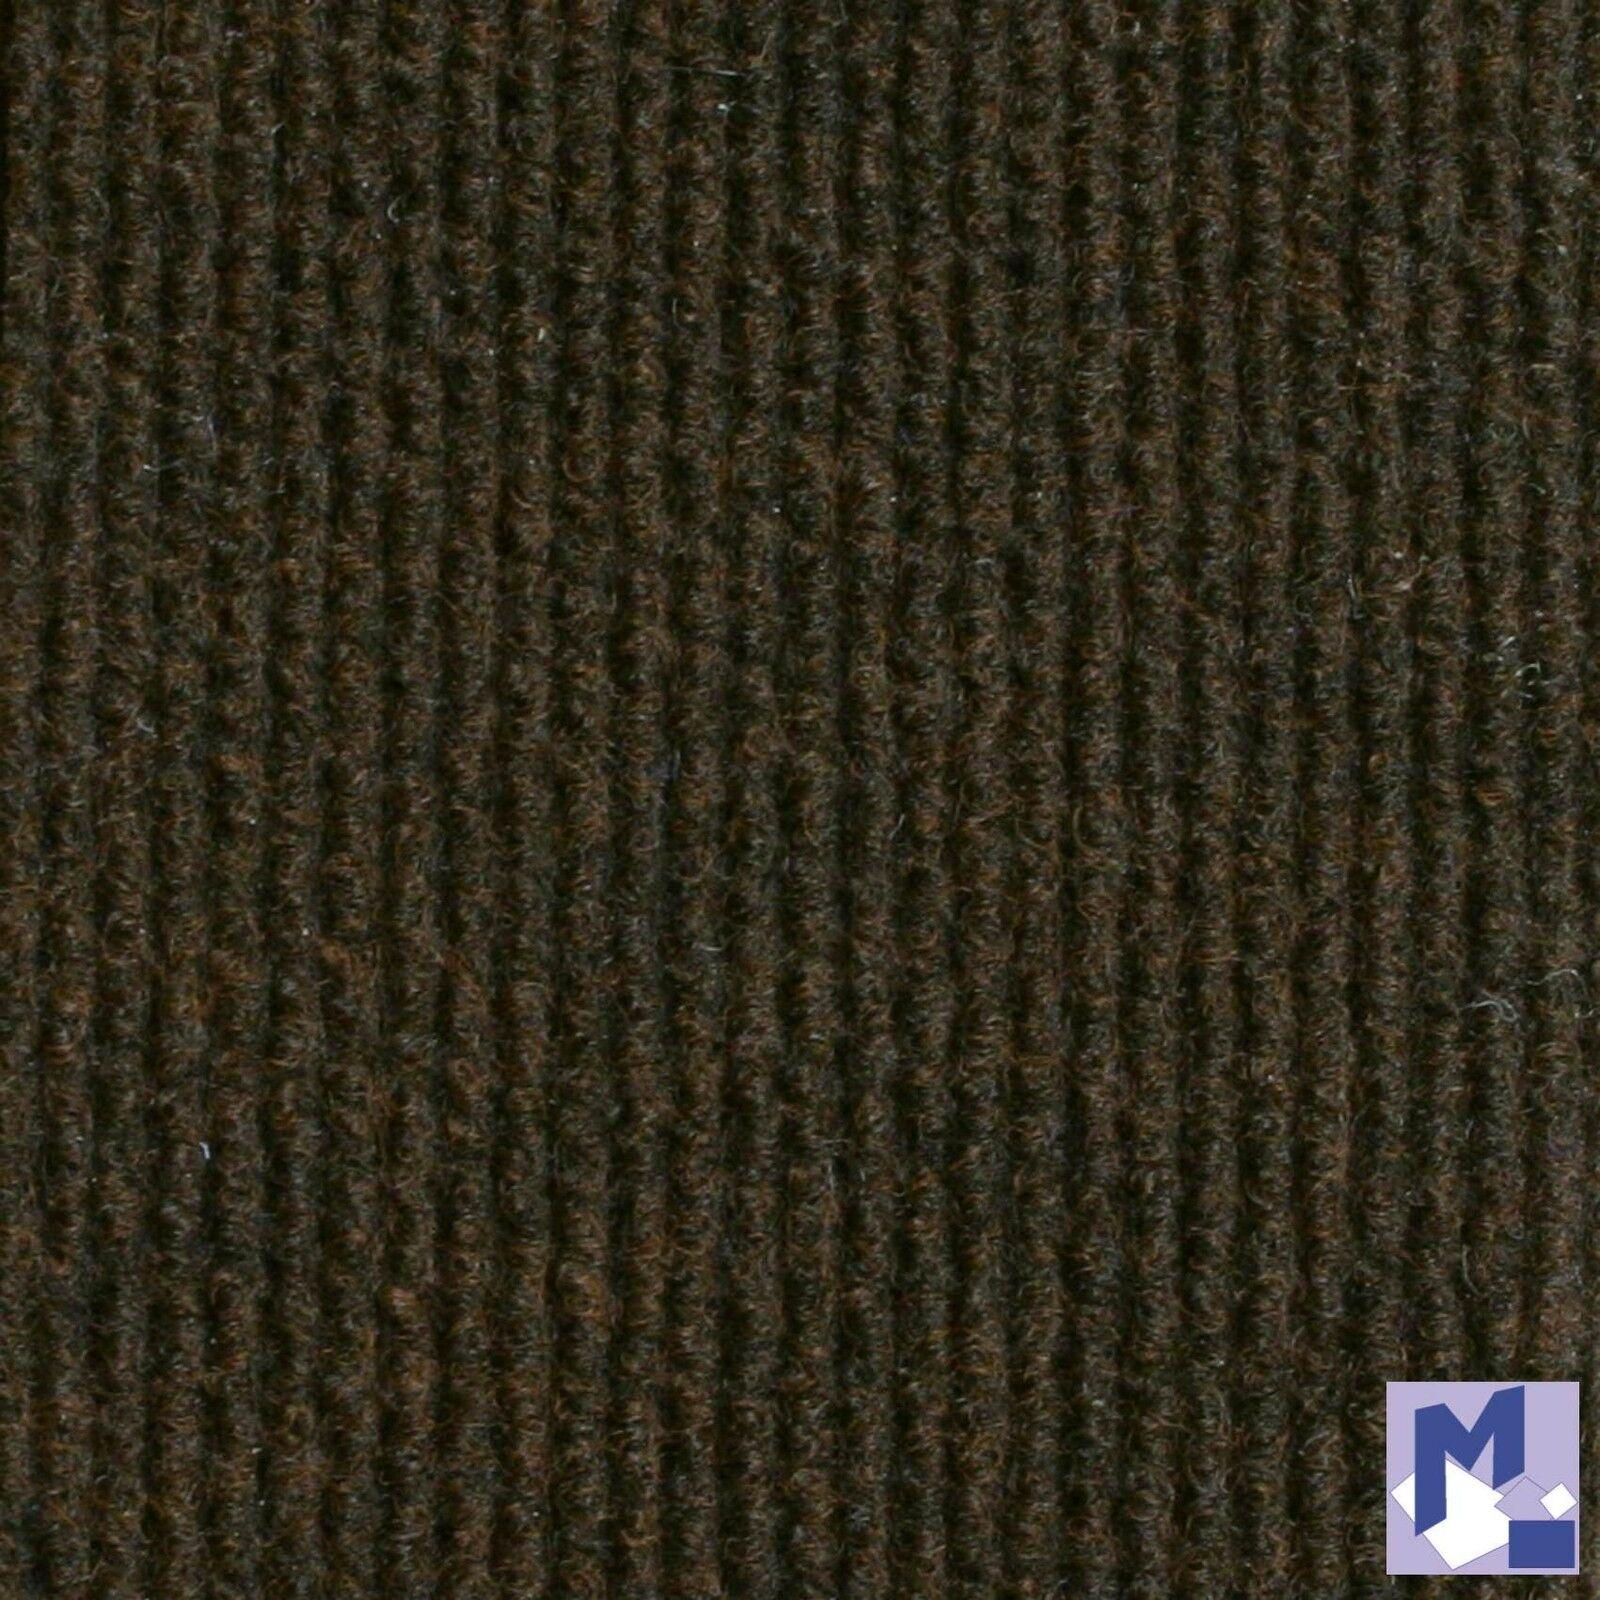 Event - - - Teppich Rips fein 200 cm br. für z.B. Party + Laufsteg (GP 4,20 m²) NEU | Sonderpreis  916199